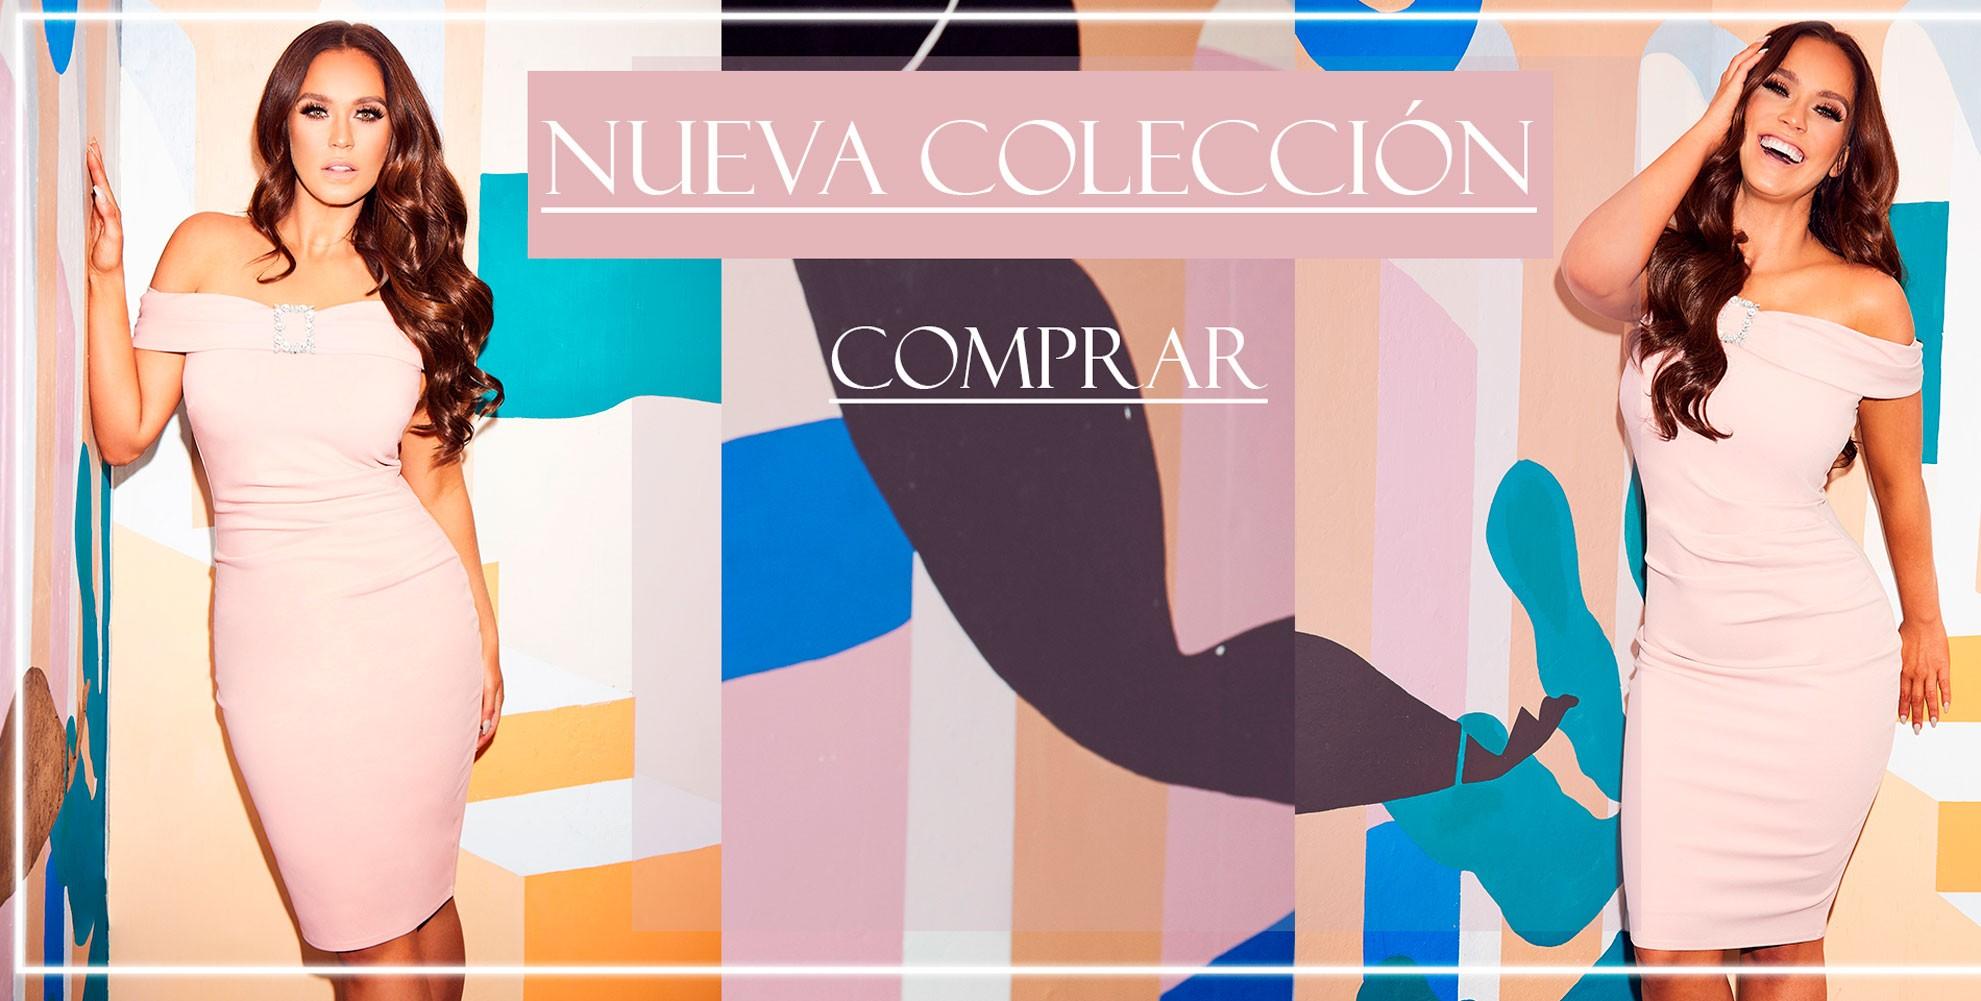 Nueva Colección 2019 - Primavera/Verano